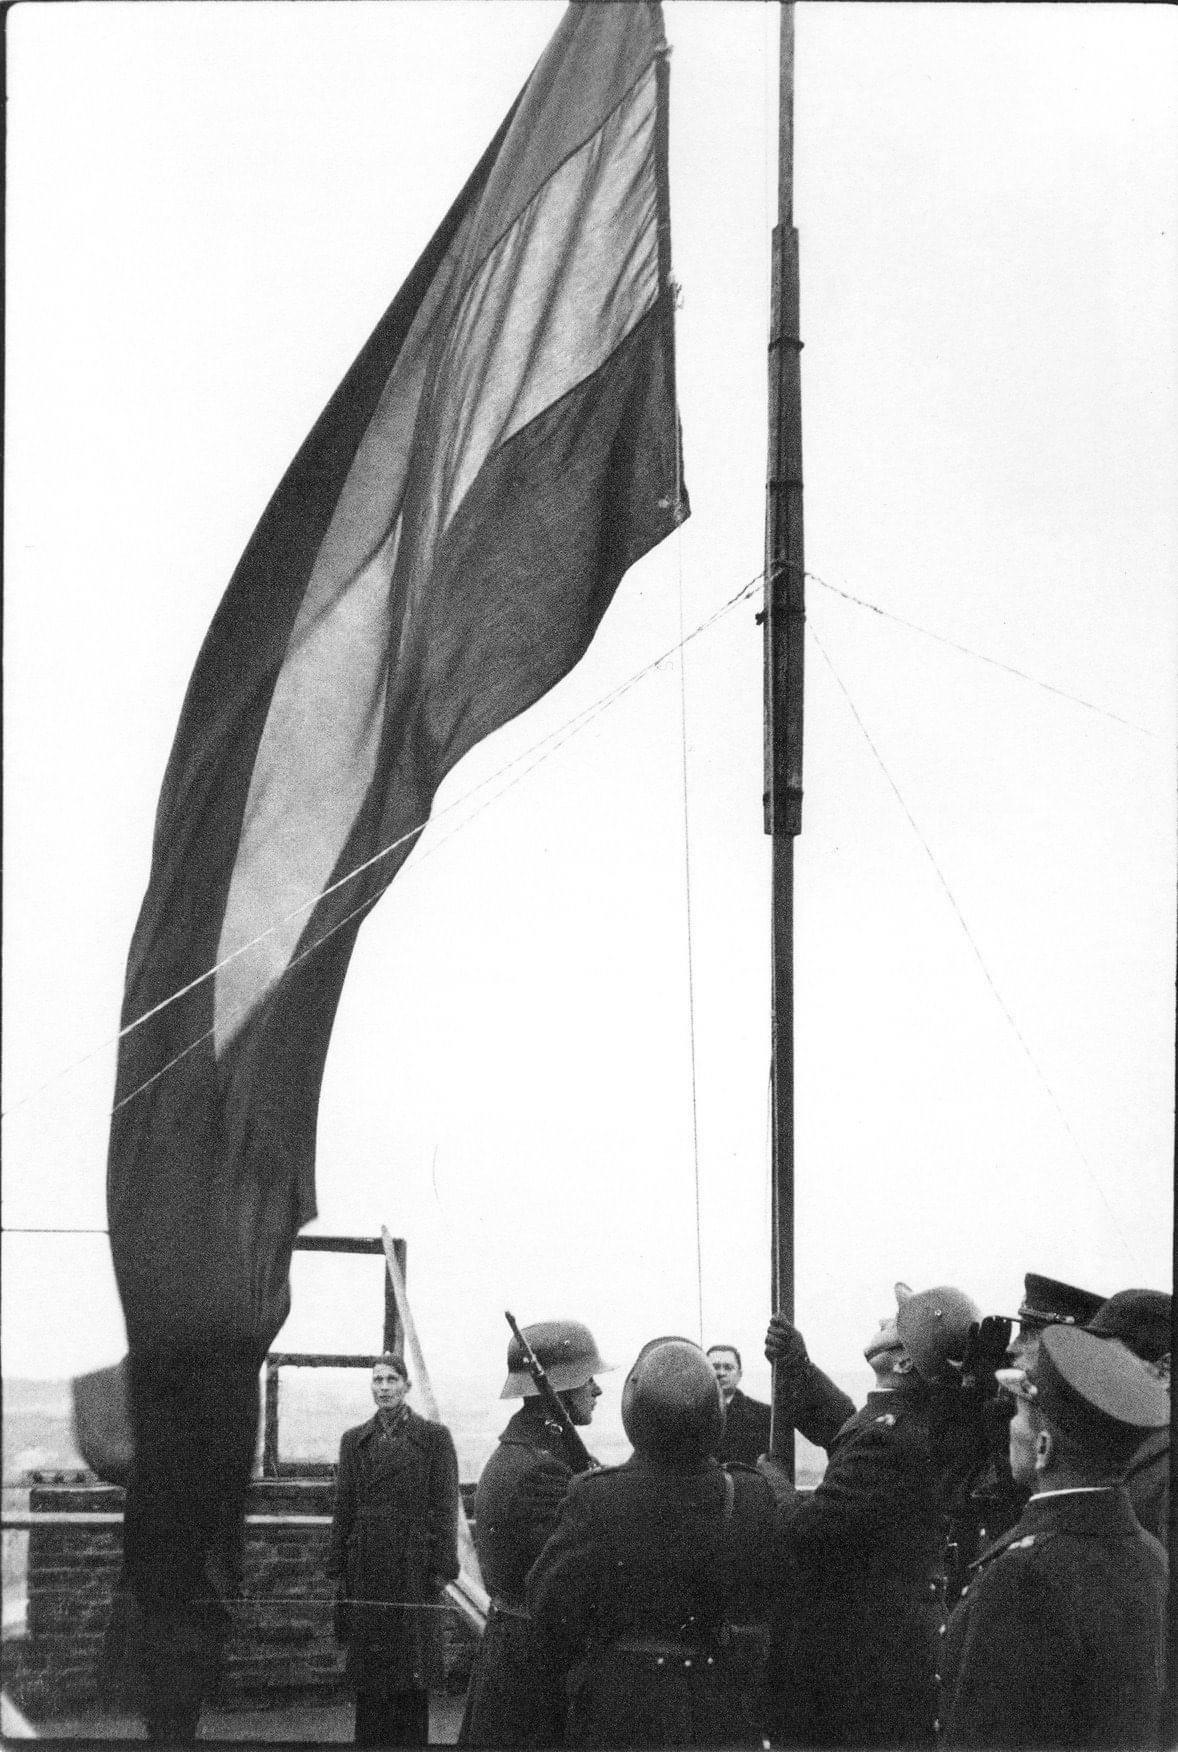 Lietuviškos trispalvės vėliavos iškėlimo iškilmės. 1939 m. spalio 29 d. | Archyvinė nuotr.